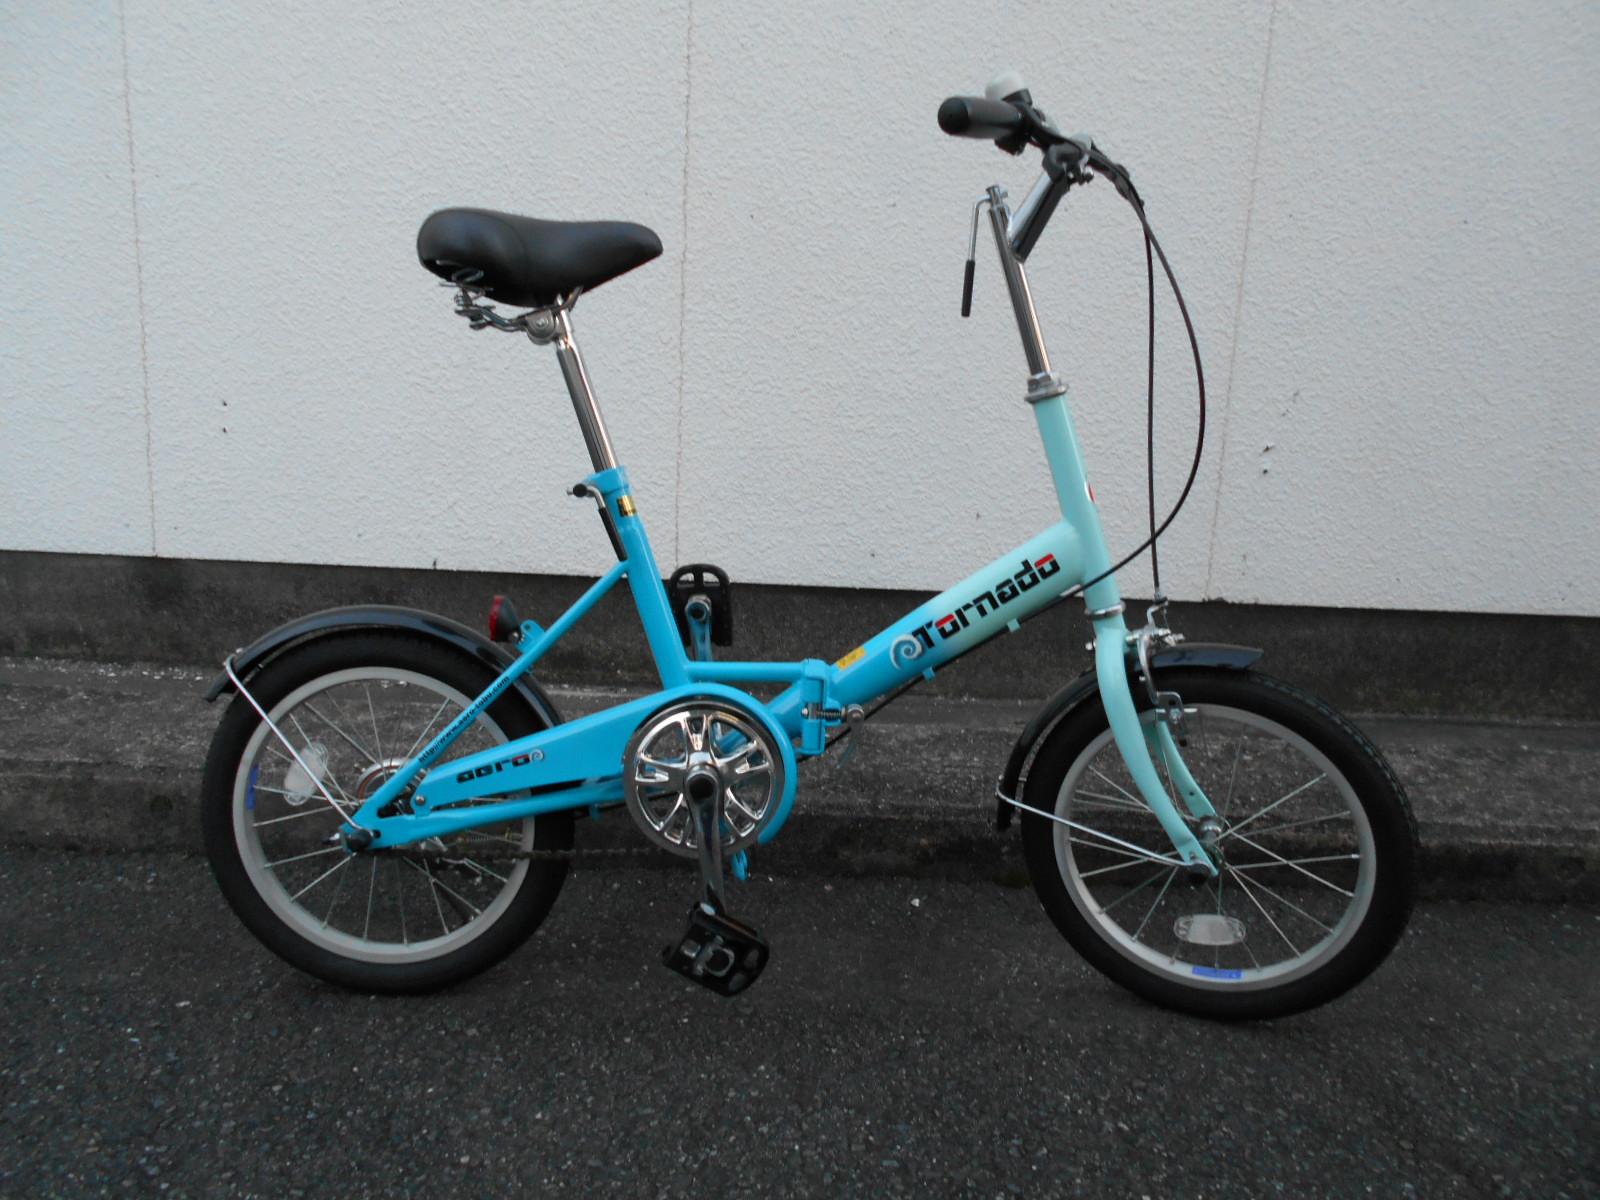 キズあり特価の折り畳み自転車あります_b0189682_9451861.jpg